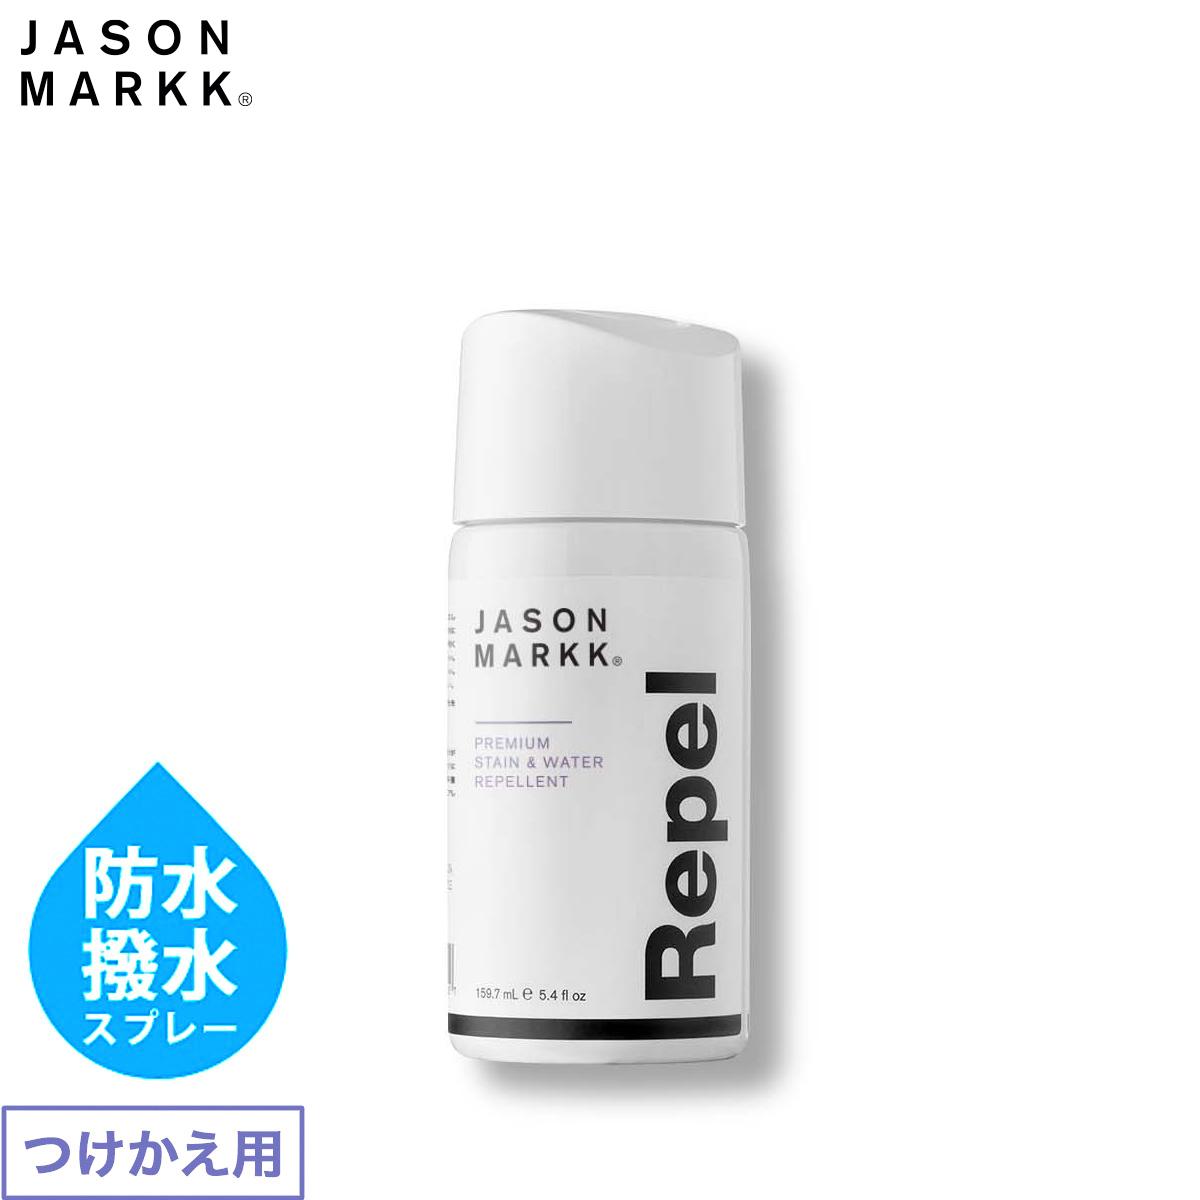 JASON MARKK 5.4 OZ REPEL REFILL 【つけかえ用】 ジェイソンマーク 5.4オンス リペル リフィル 159.7ml